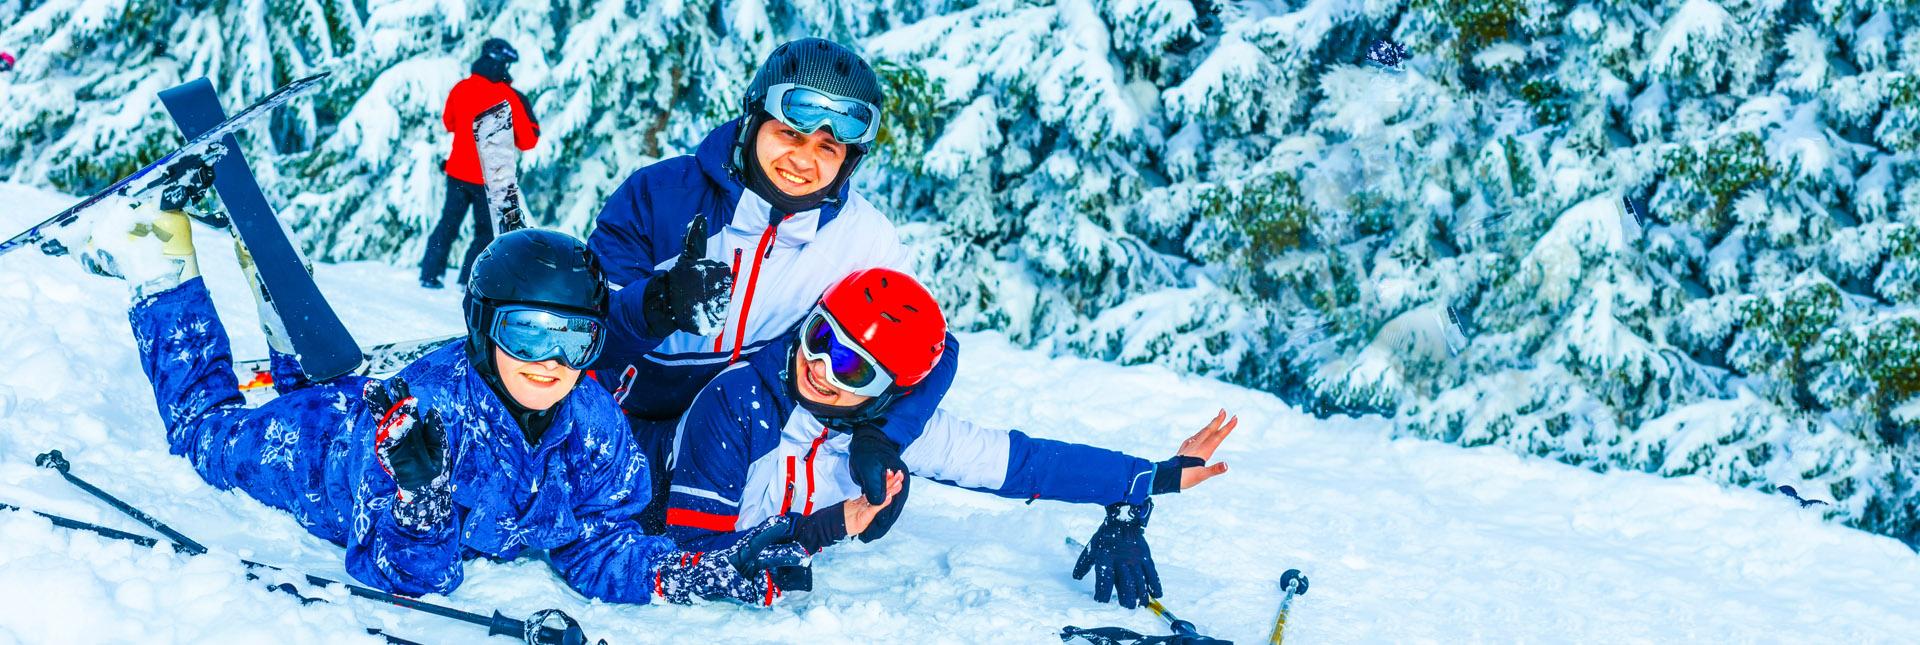 fun family time skiing around Zermatt